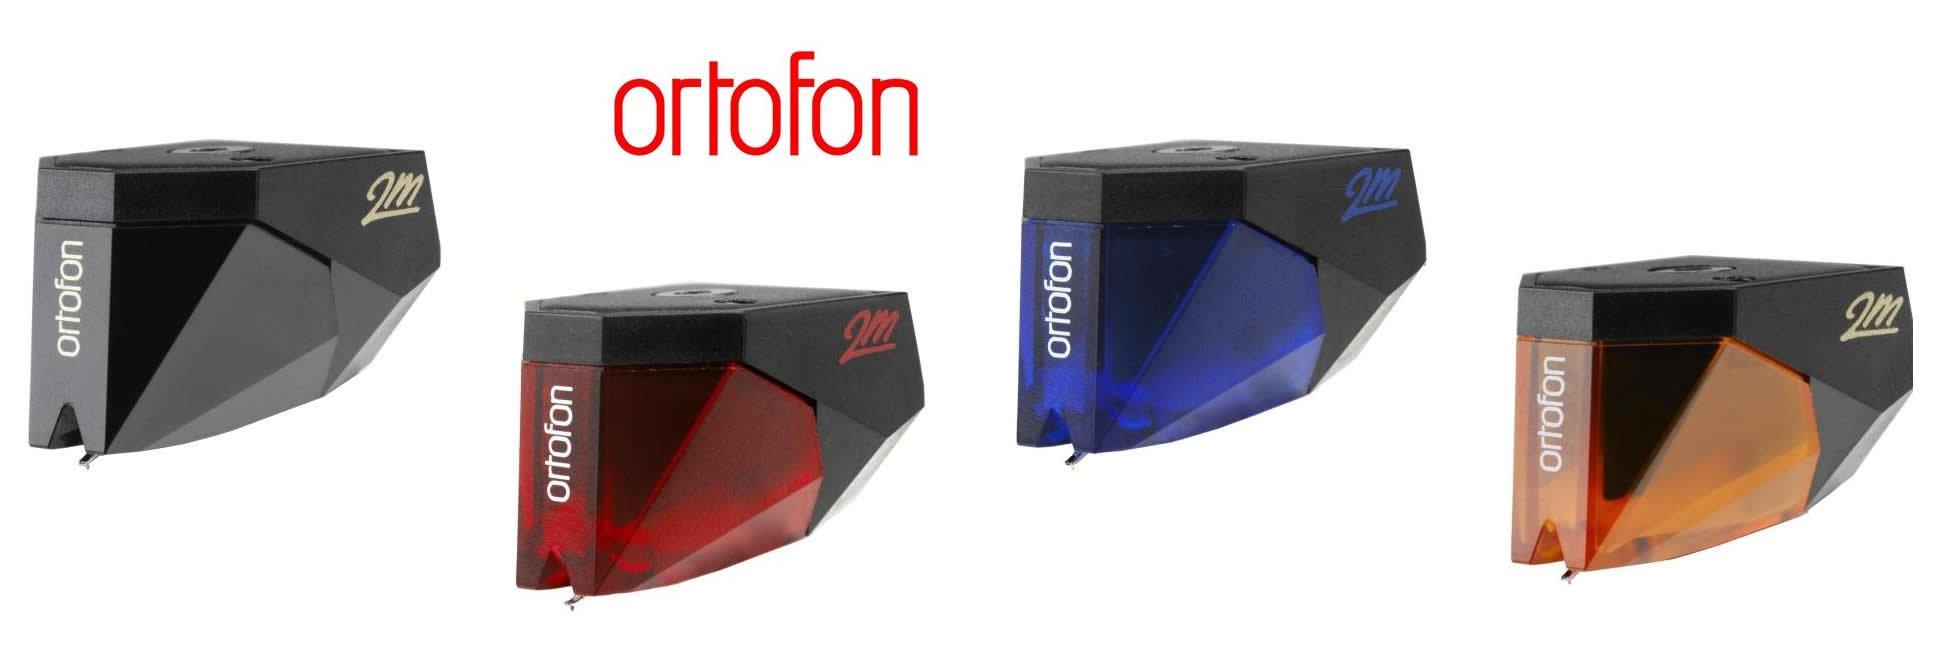 Ortofon Tonabnehmer 2M Black, Red, Blue und Bronze kauft man beim AkustikTune Hifi Studio